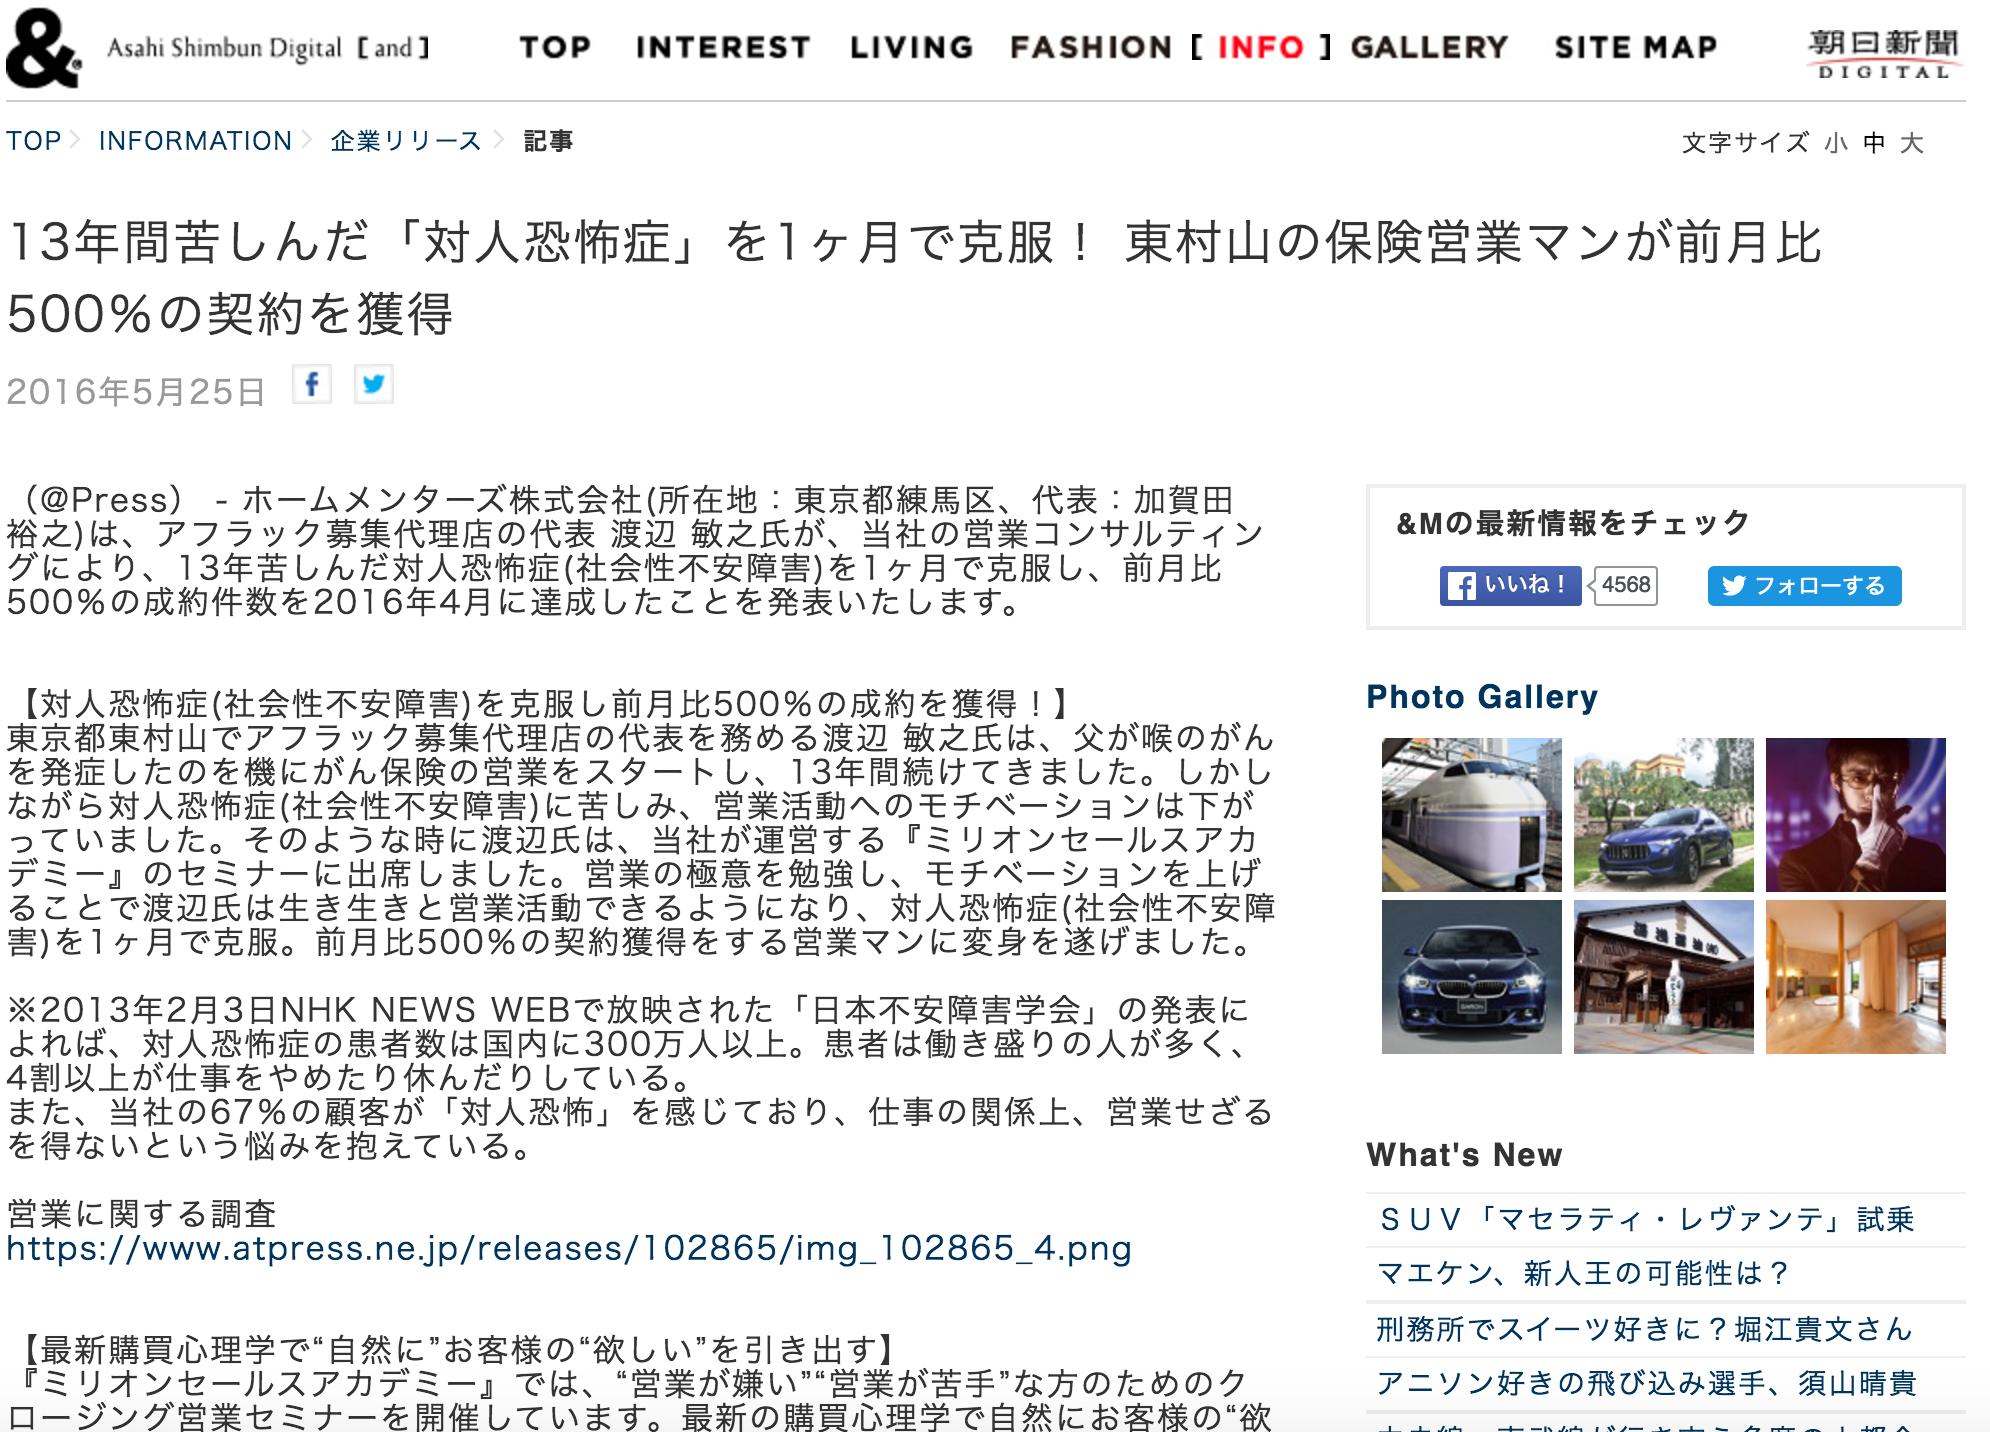 朝日新聞掲載:営業セミナー